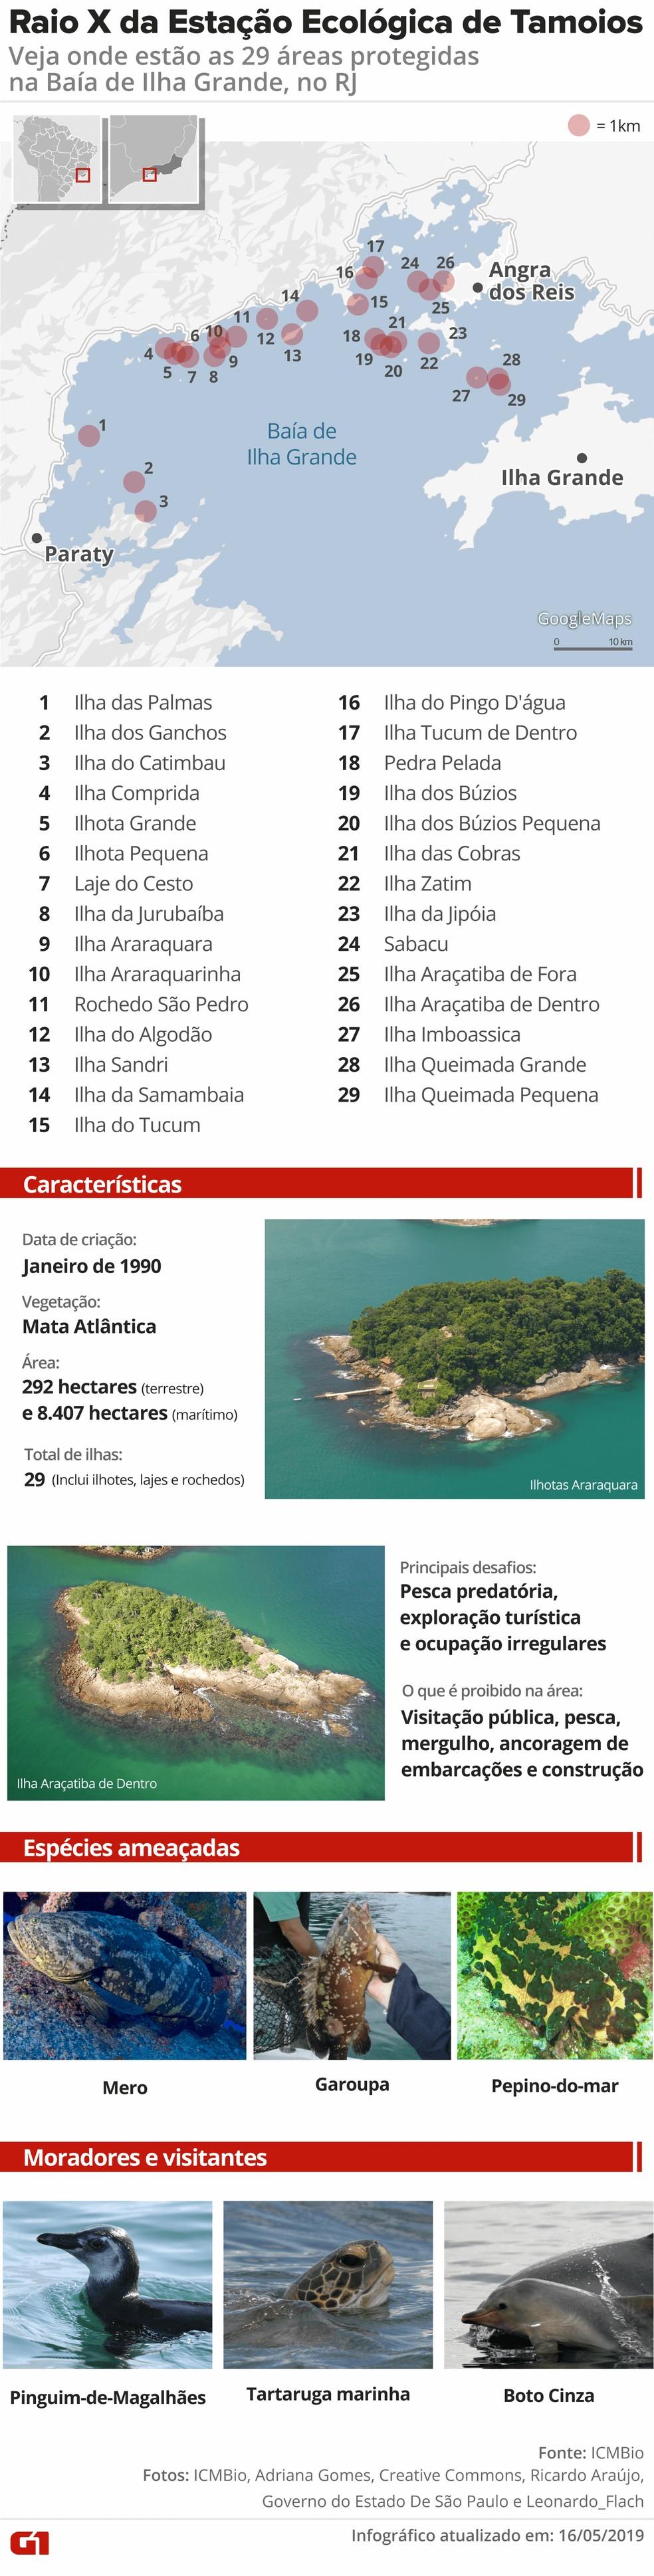 Esec Tamoios abriga espécies ameaçadas e pesquisas científicas — Foto: Rodrigo Sanches/G1